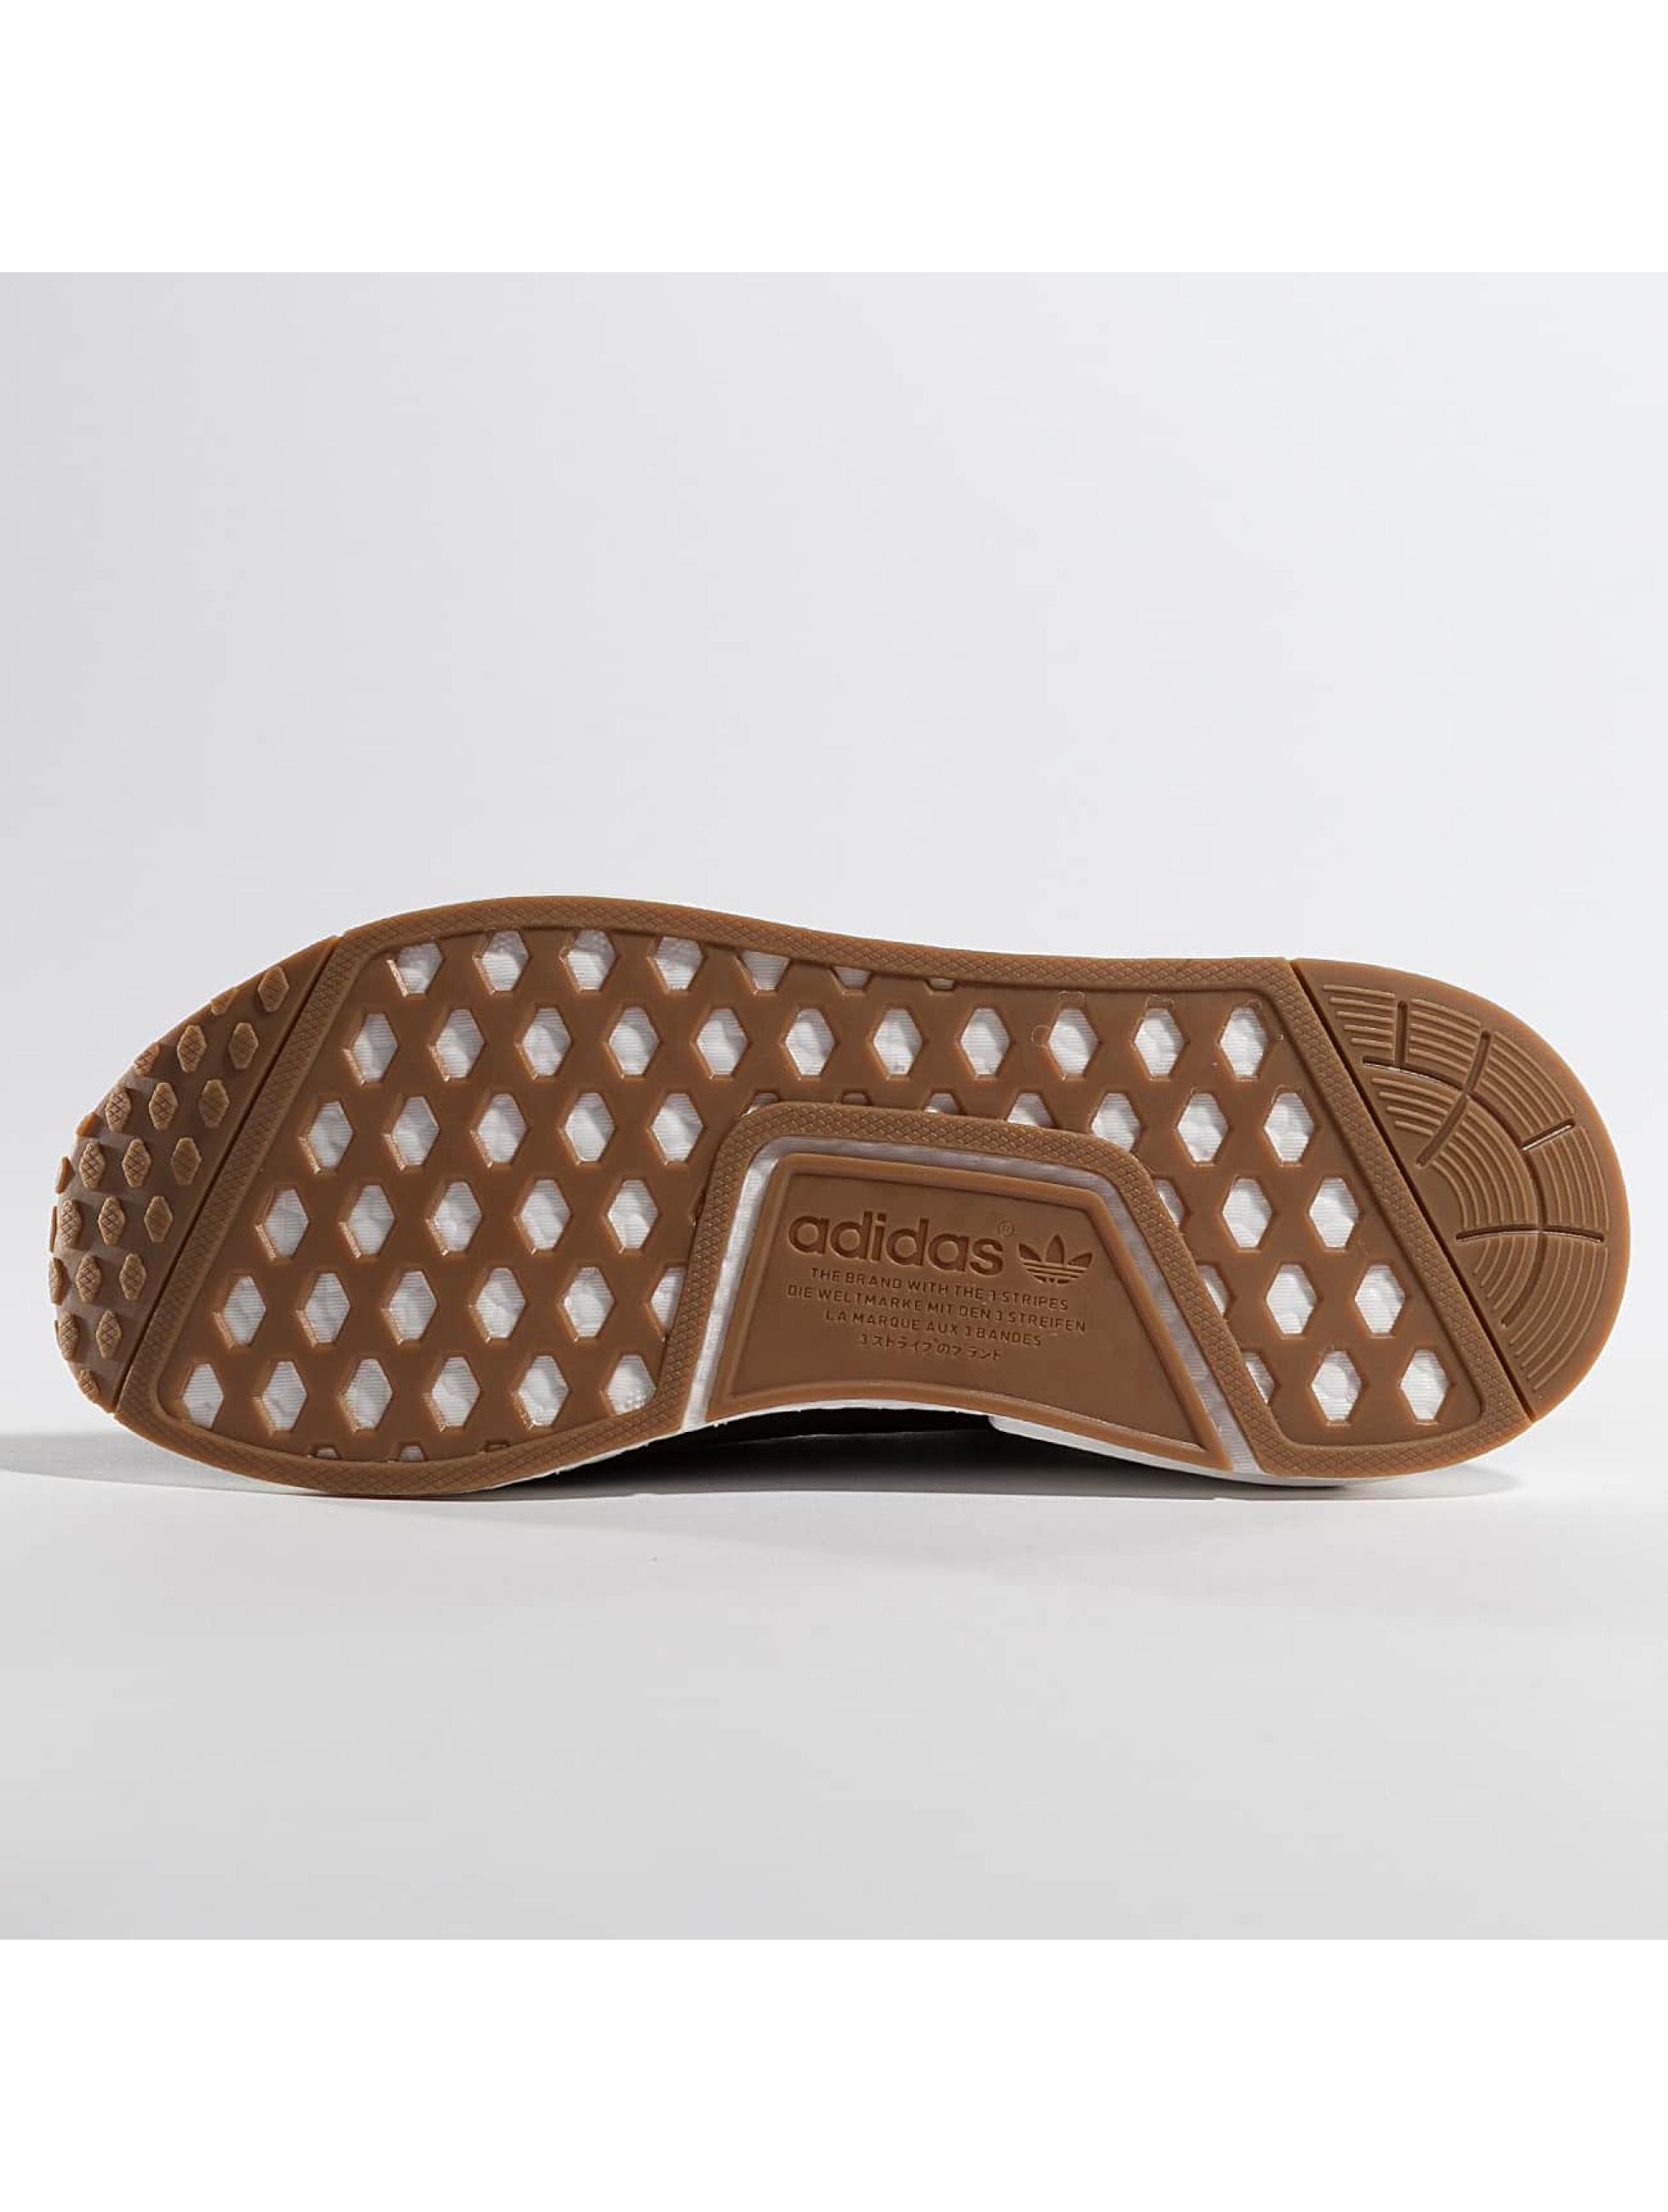 adidas originals Sneakers NMD R1 PK Sneakers black